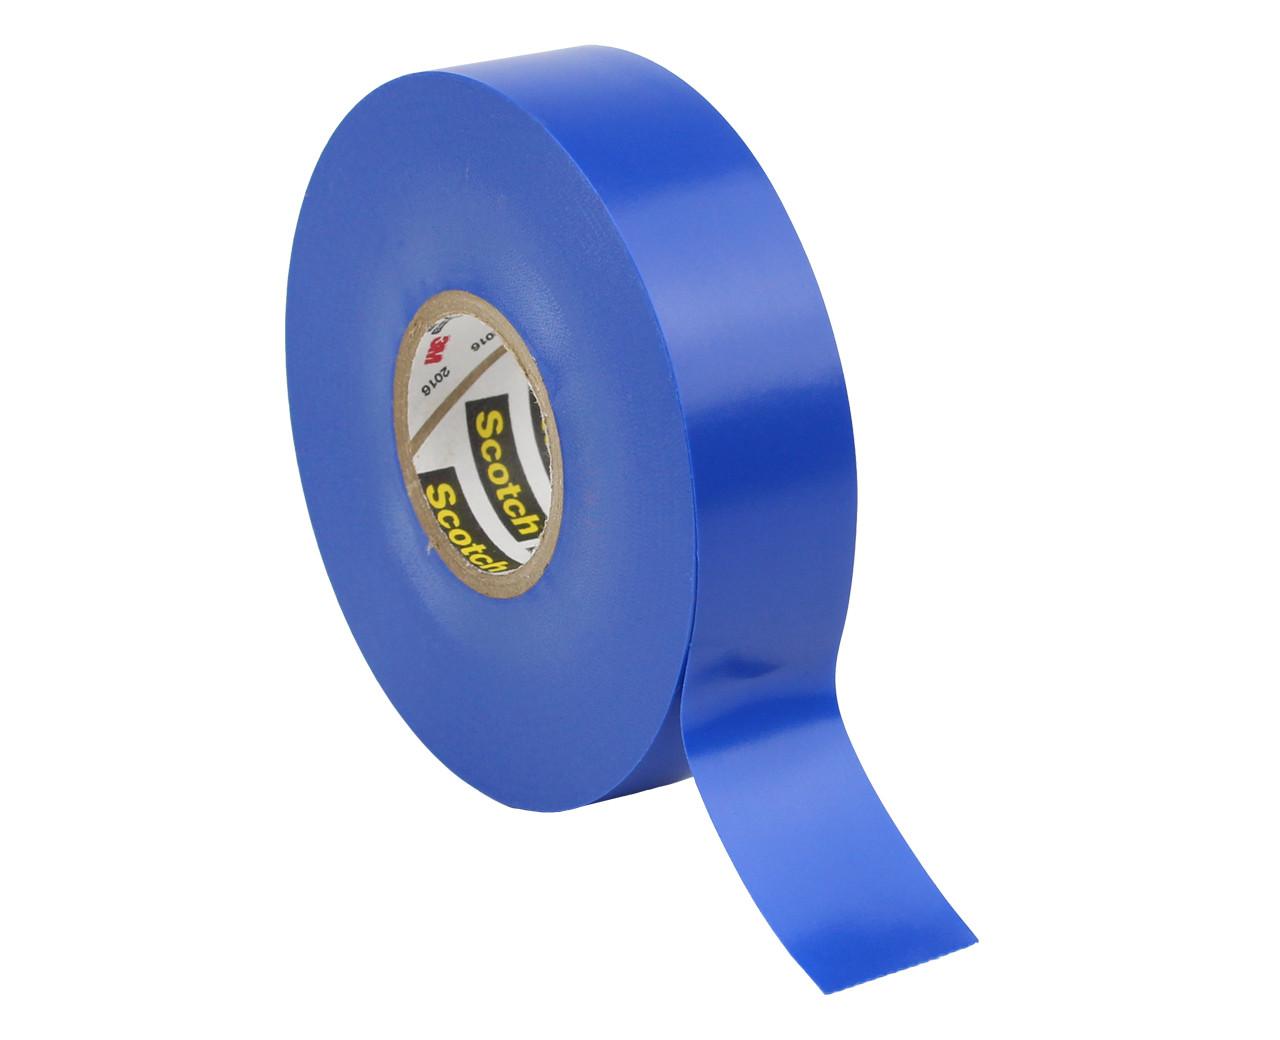 3M SCOTCH 35 Electrical Tape